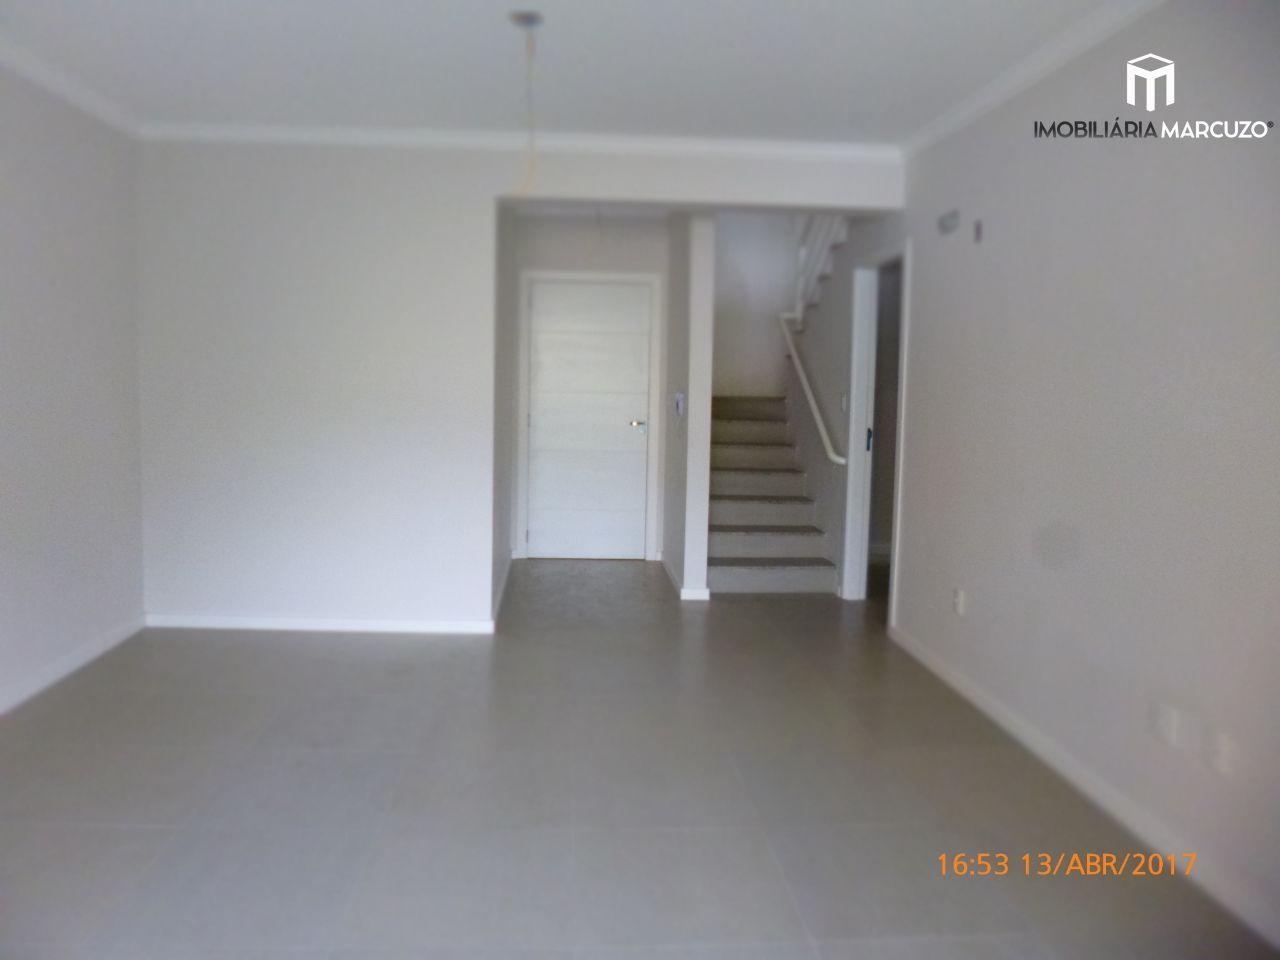 Cobertura com 3 Dormitórios à venda, 199 m² por R$ 945.000,00